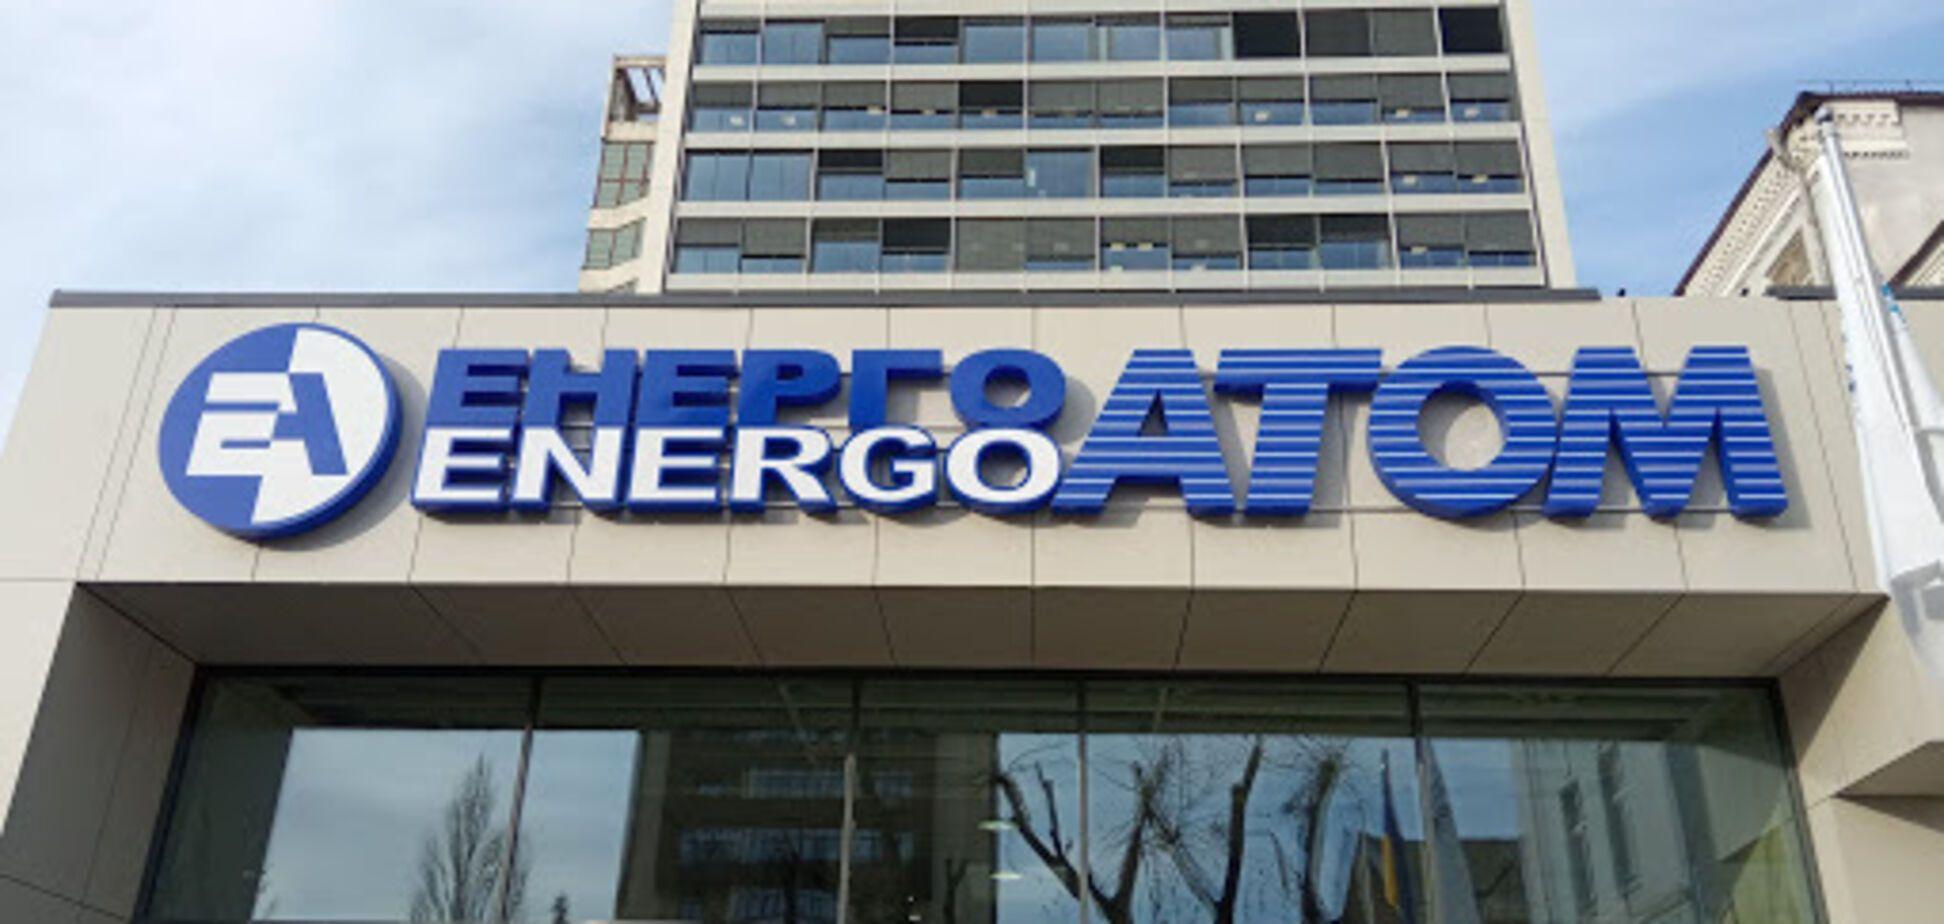 'Энергоатому' должны выплатить 3,2 млрд грн